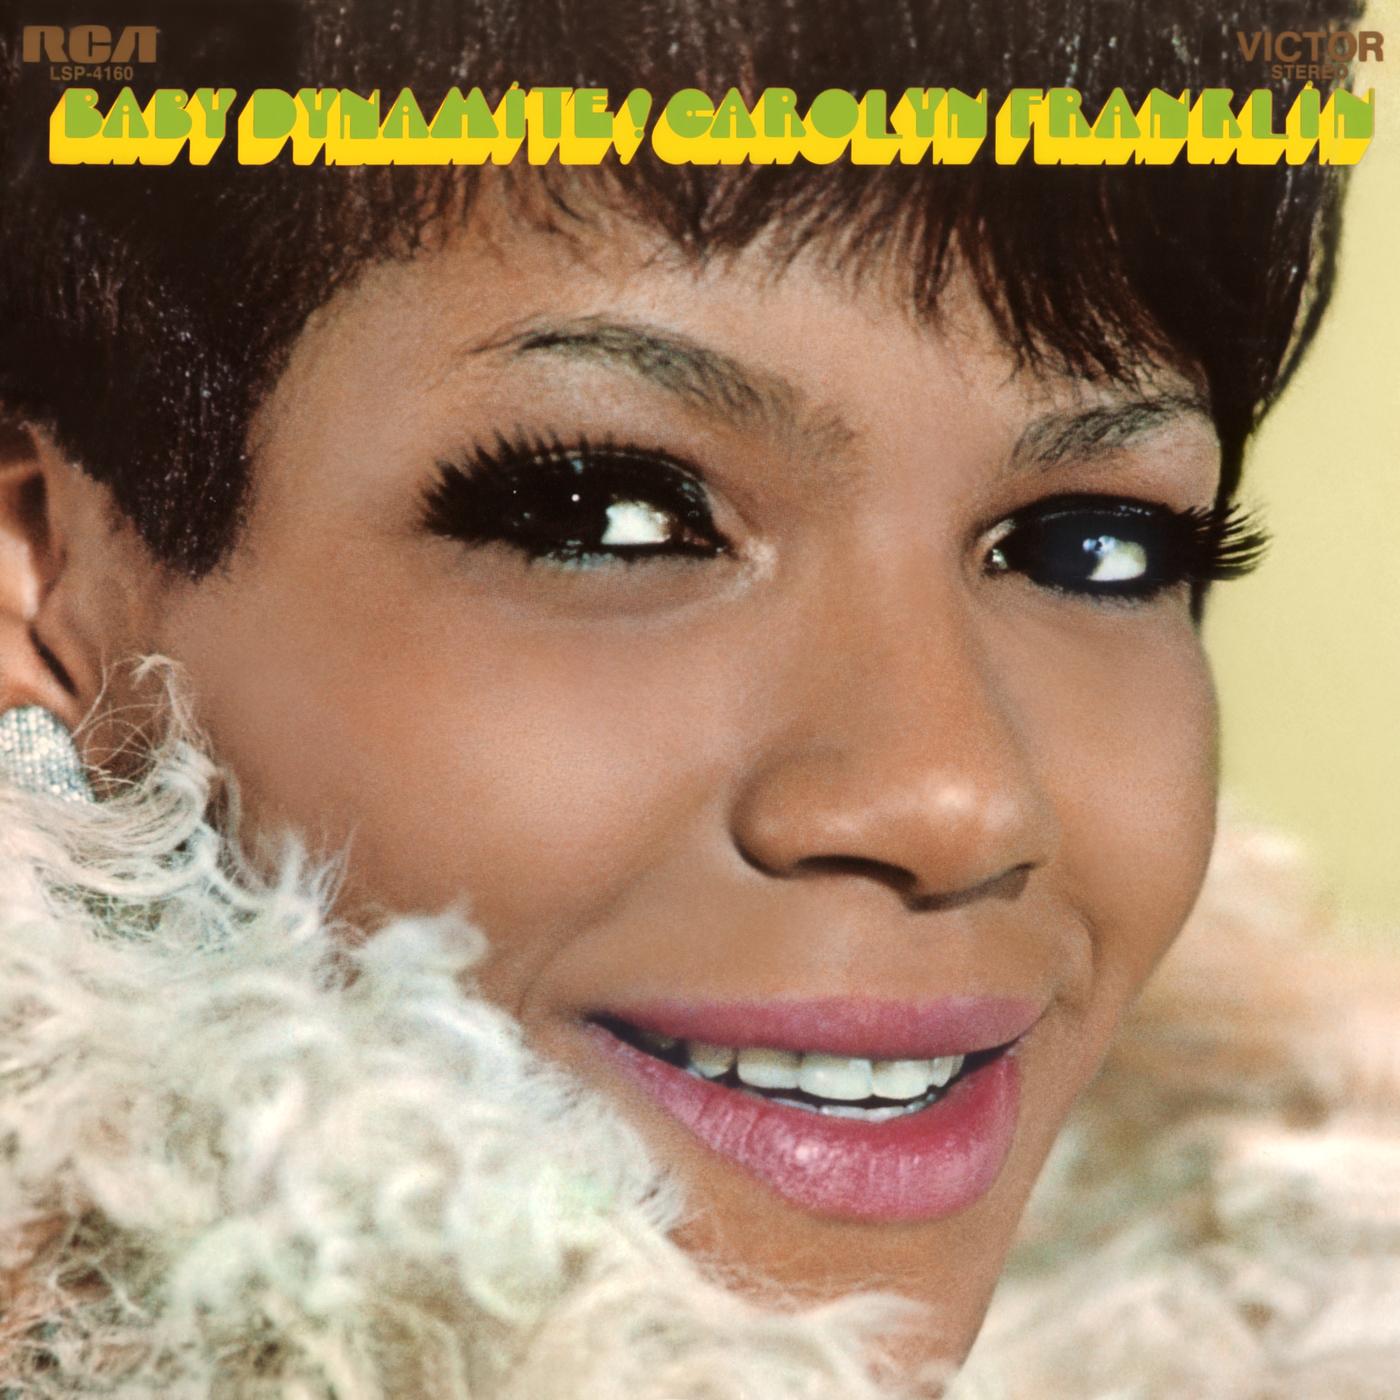 Baby Dynamite - Carolyn Franklin